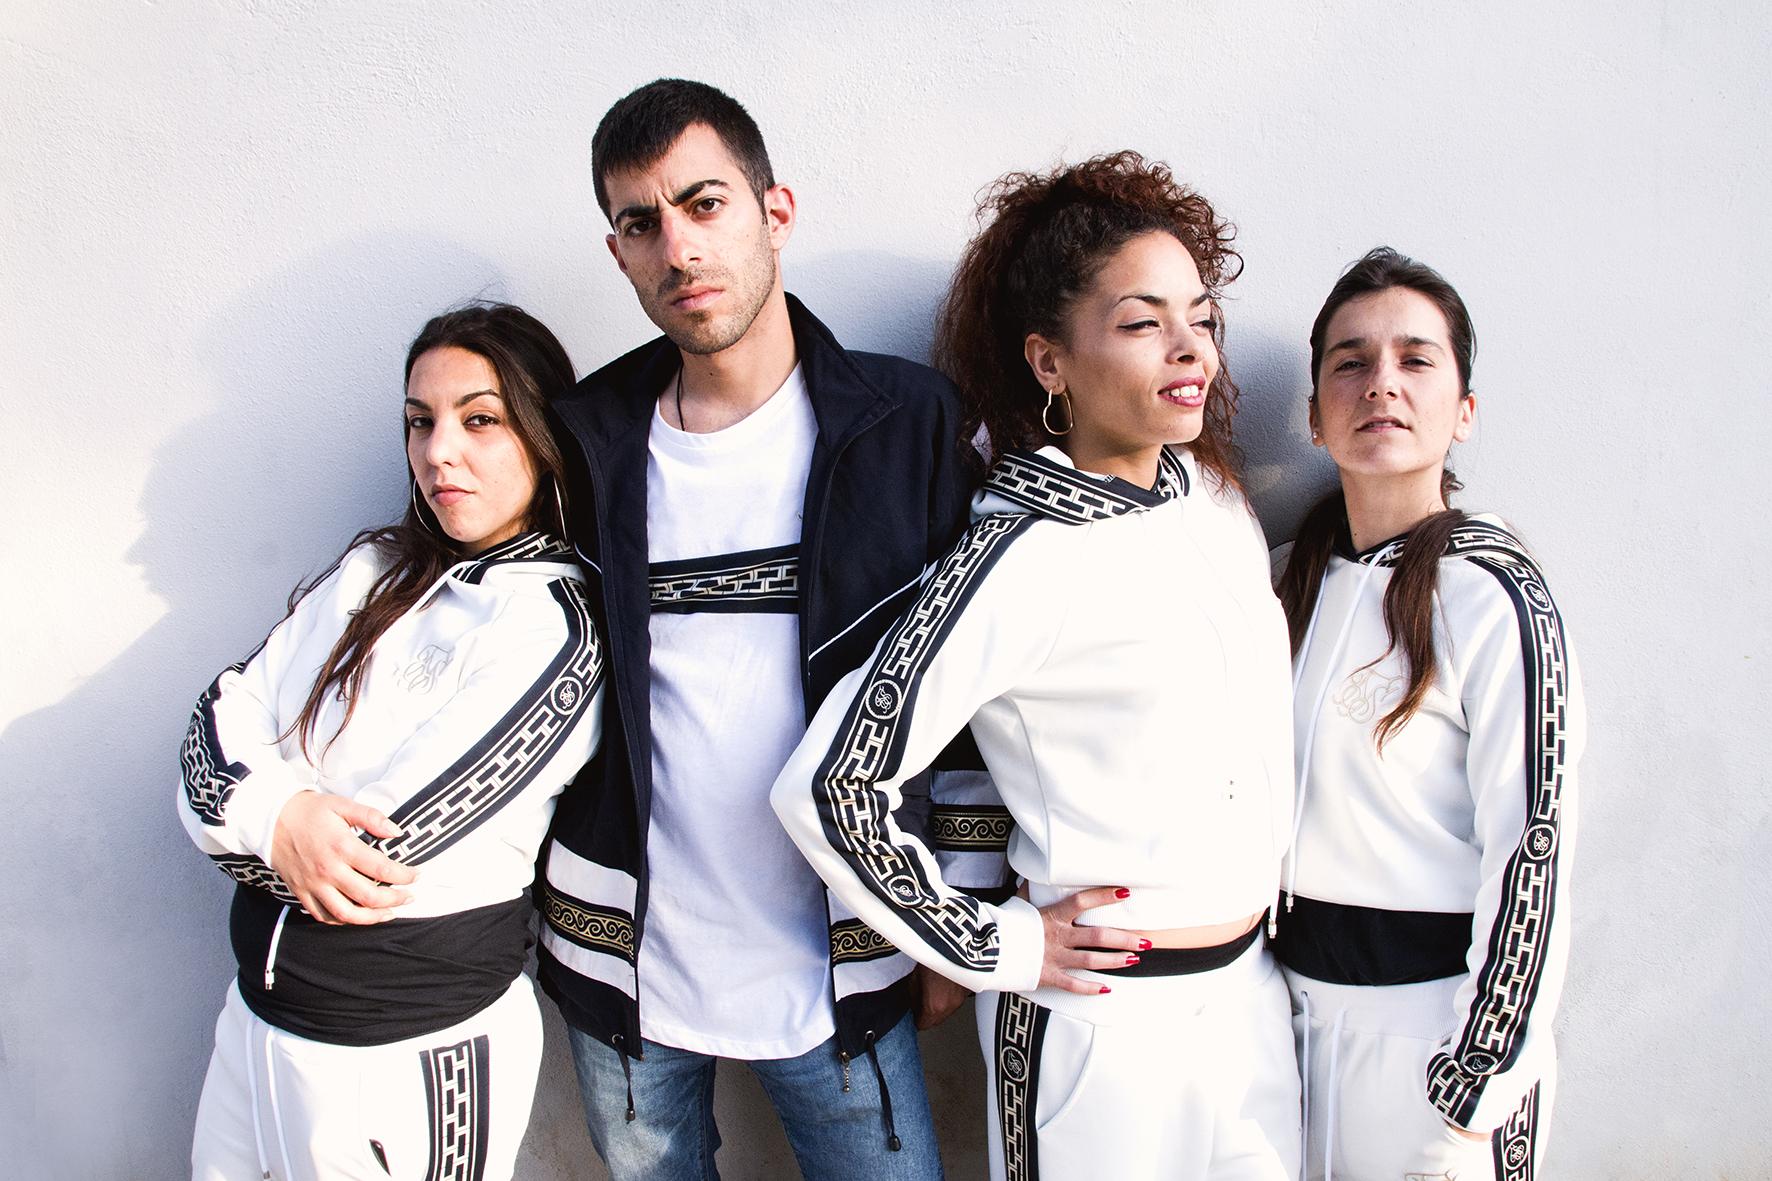 La formación valenciana Machete en boca traerá en marzo el rap de la calle a la Sala Club